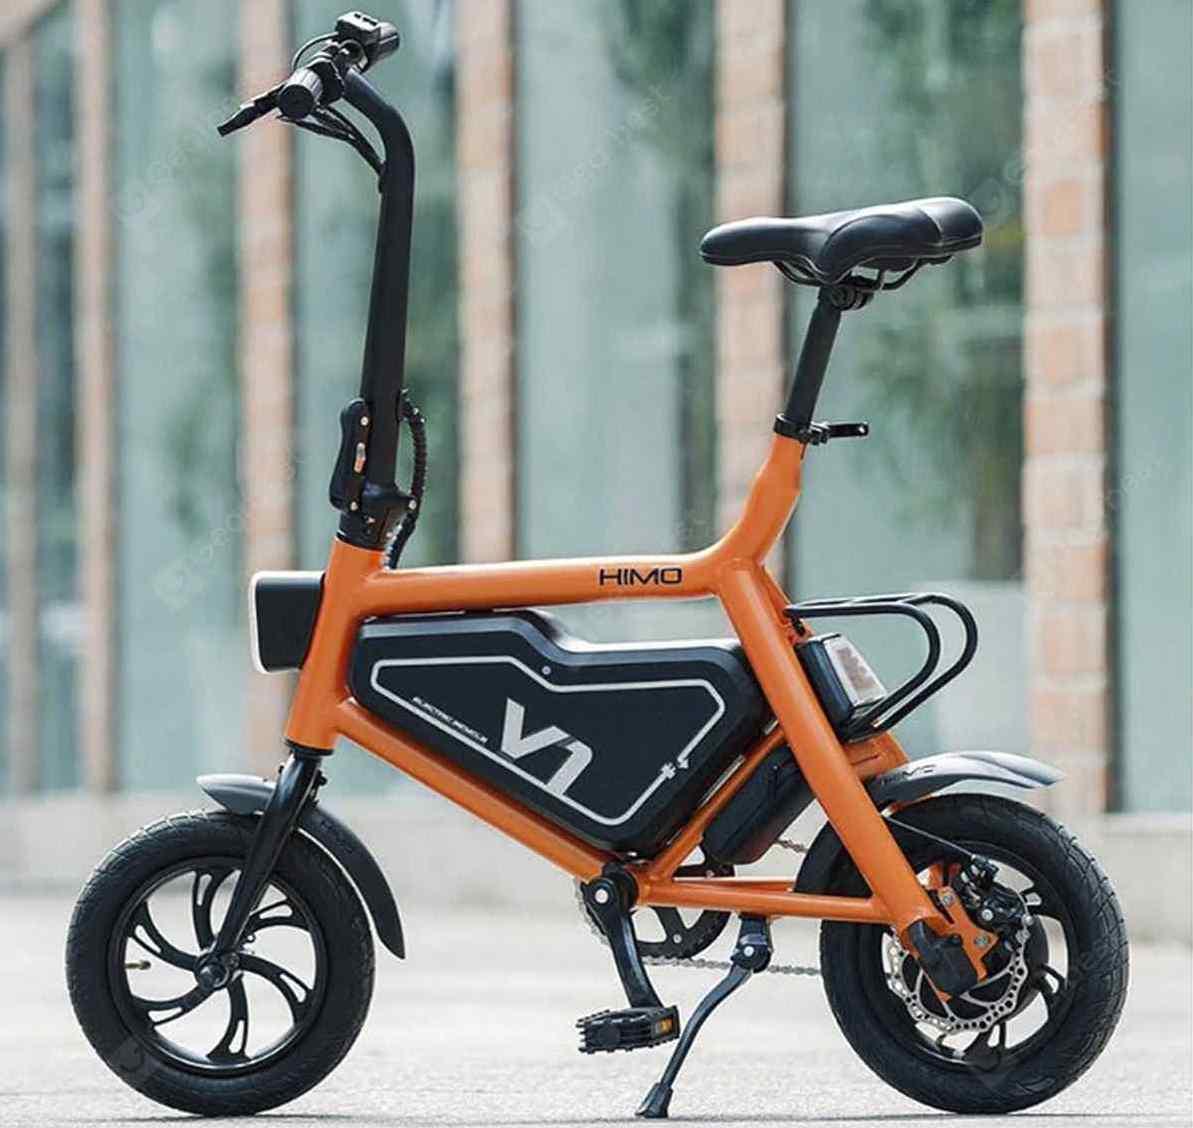 Así es Himo V1, una bicicleta eléctrica para las rutas urbanas